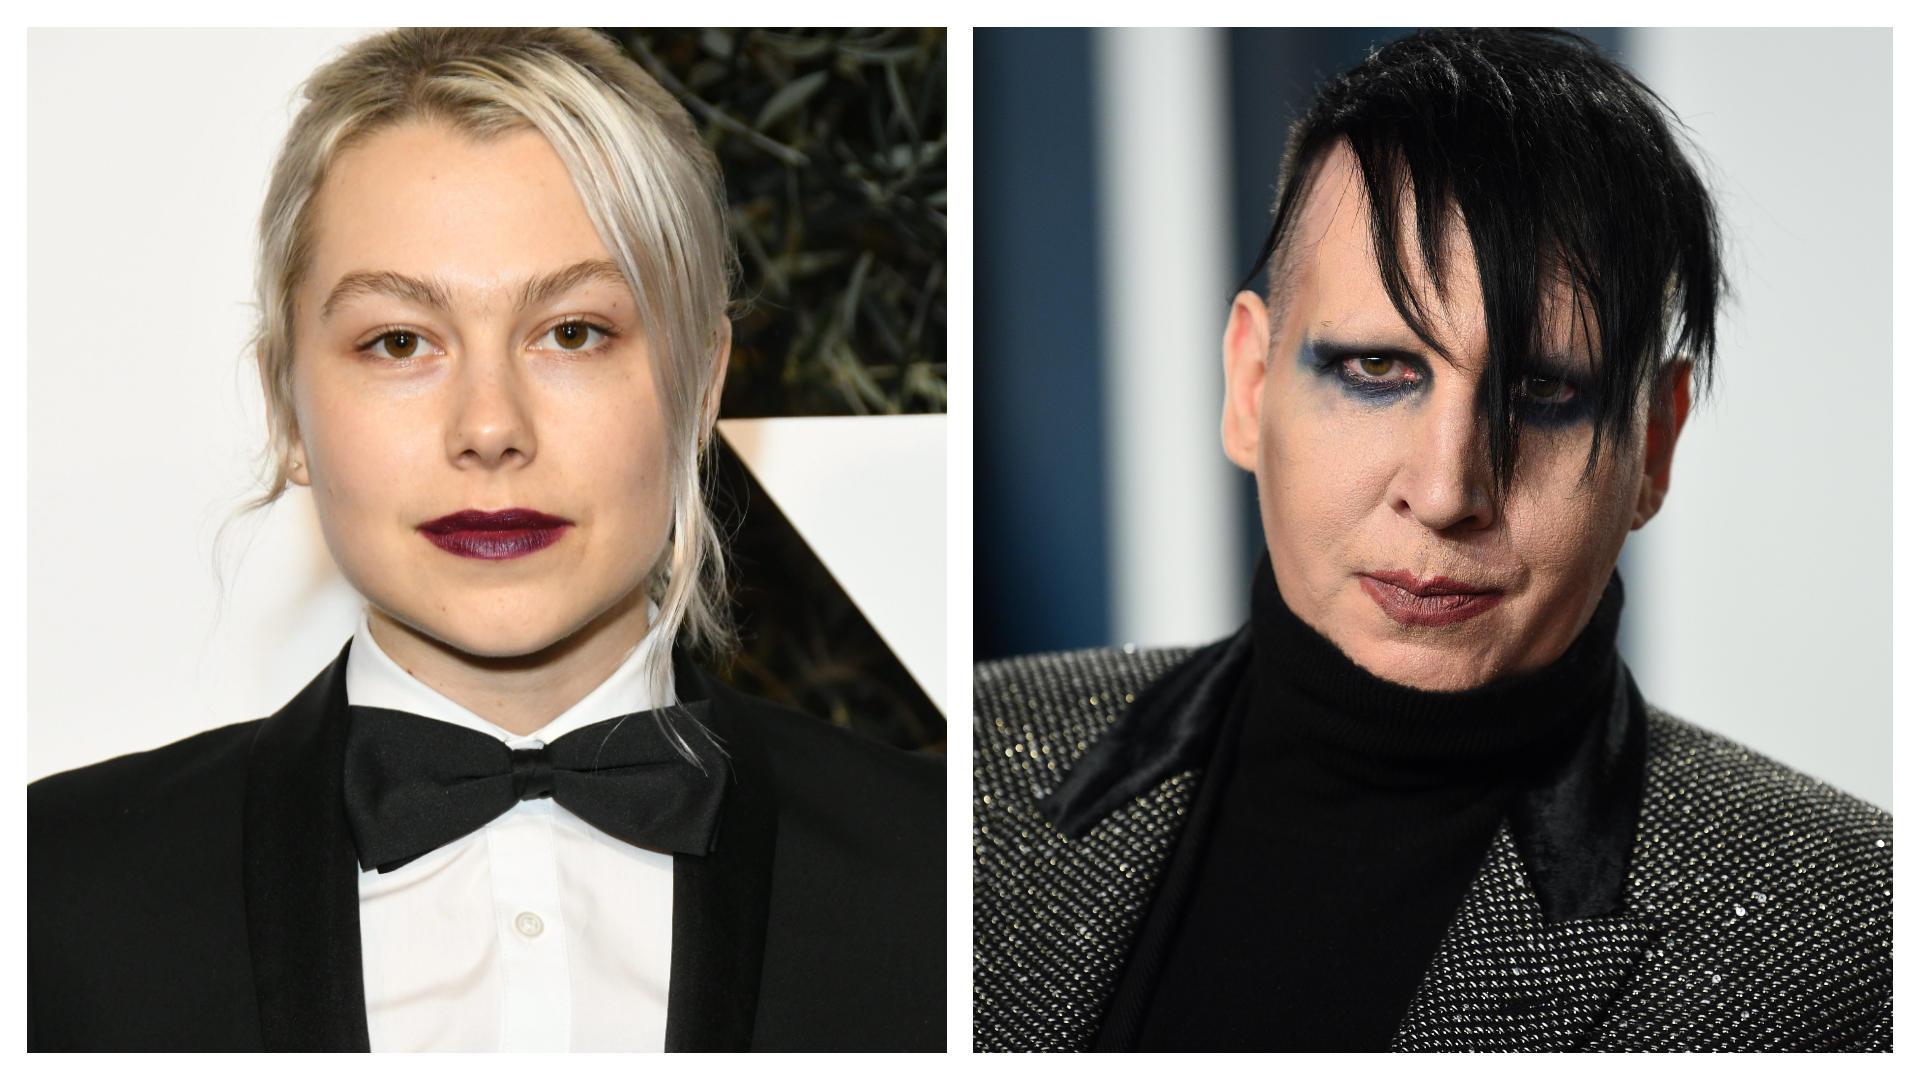 """Prahlte Marilyn Manson vor Sängerin Phoebe Bridgers mit """"Vergewaltigungszimmer""""? - VIP.de, Star News"""